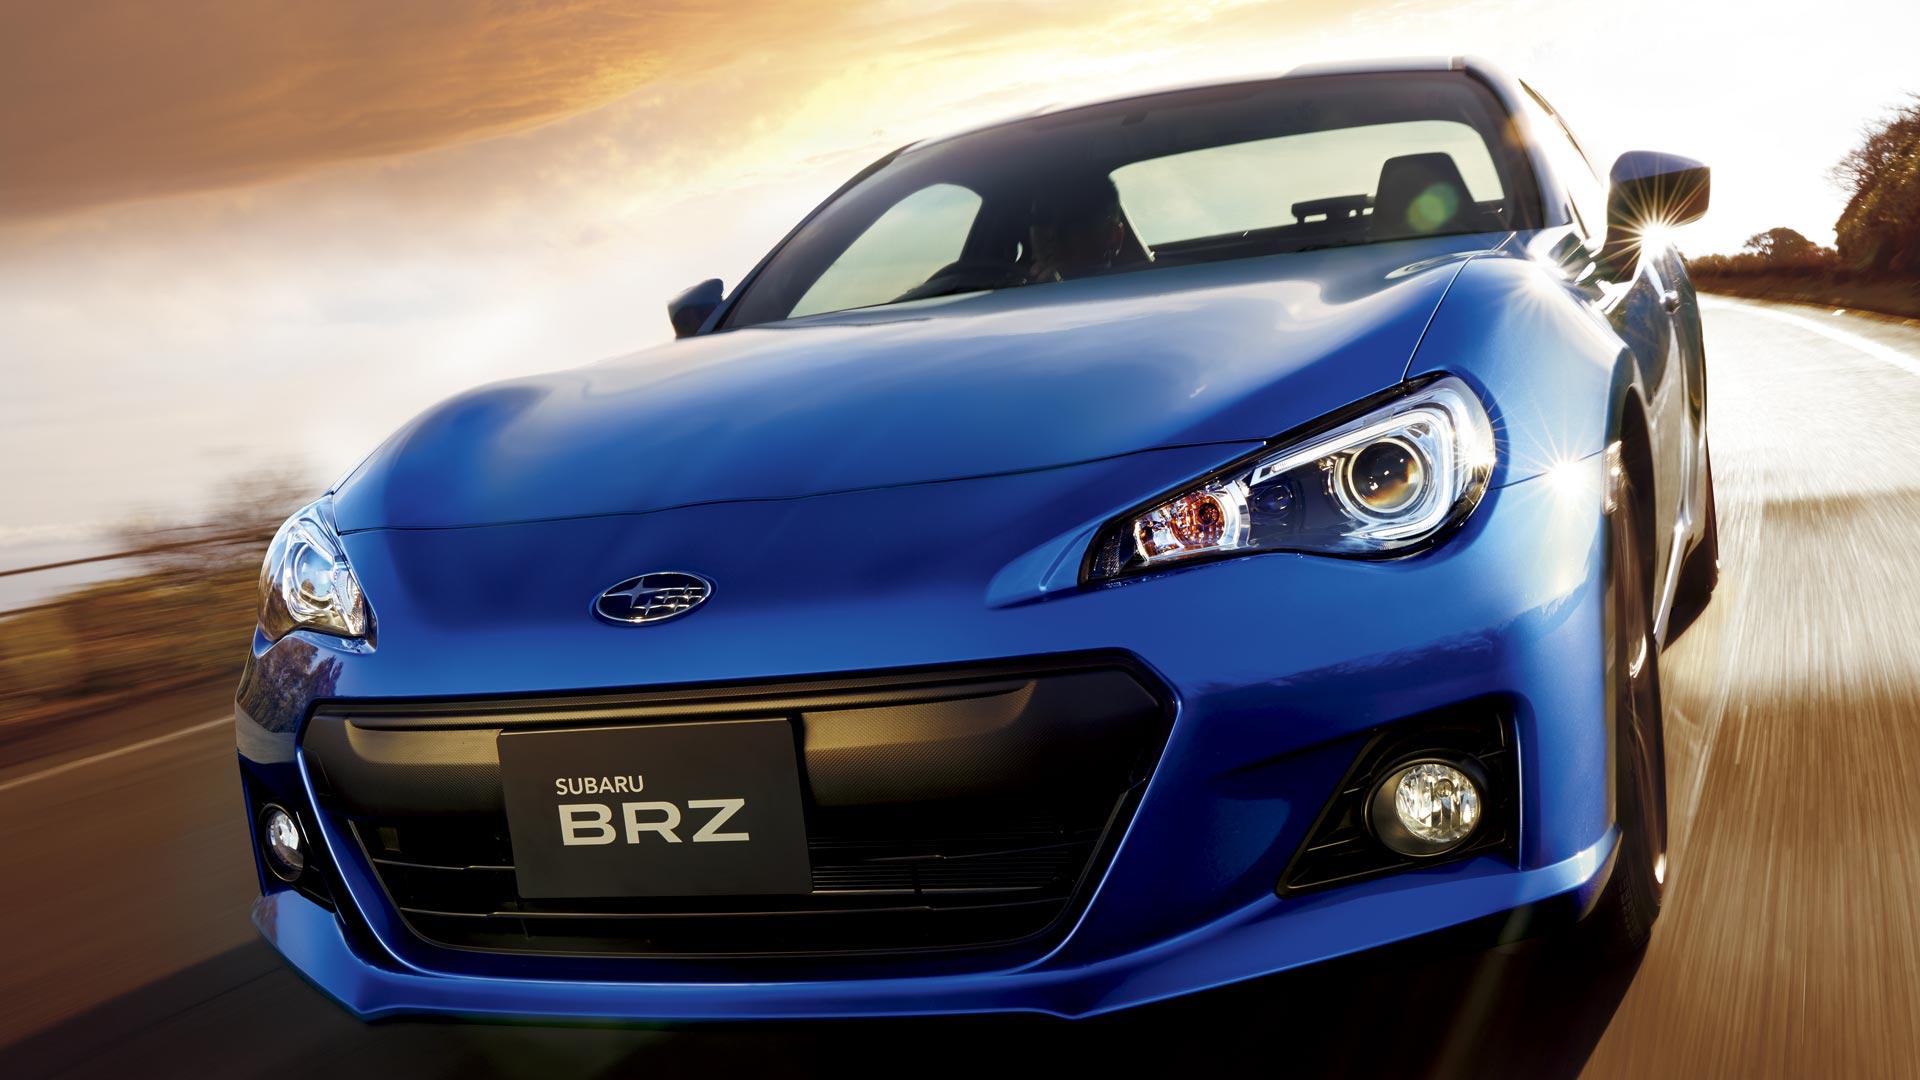 スバル発FRスポーツカーZC6型BRZのスペックと魅力に迫る